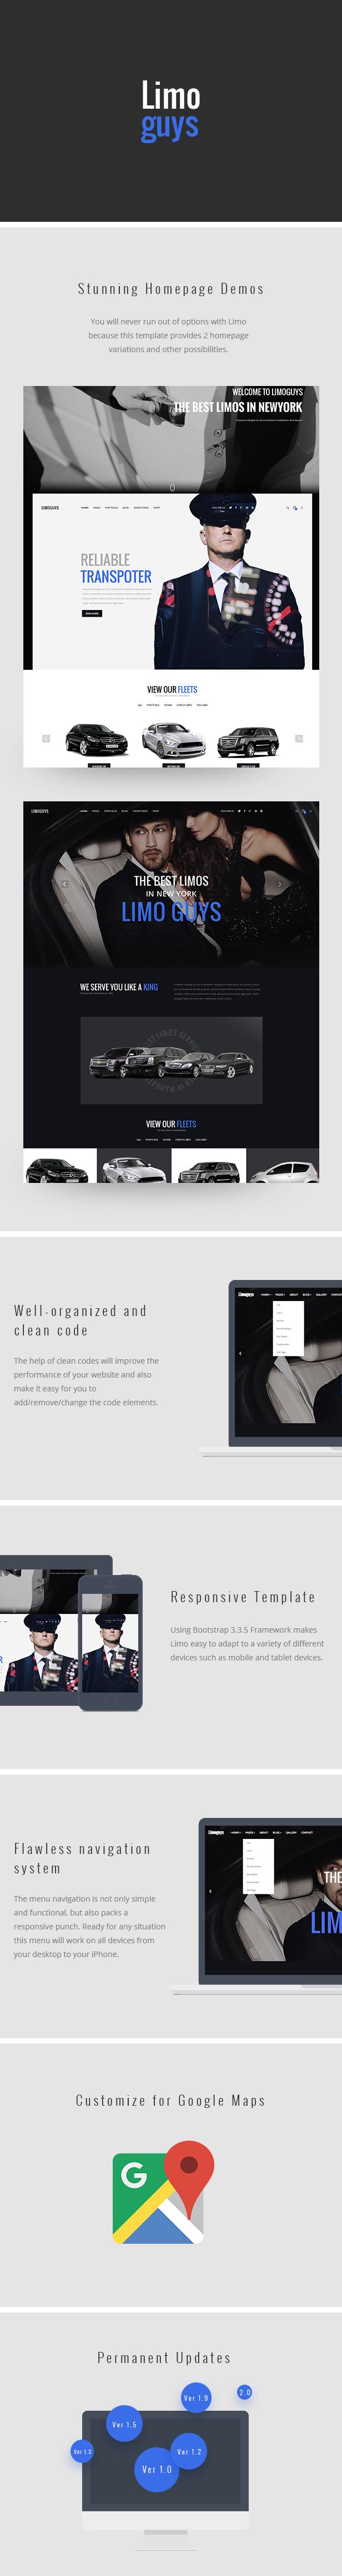 limoguys html template